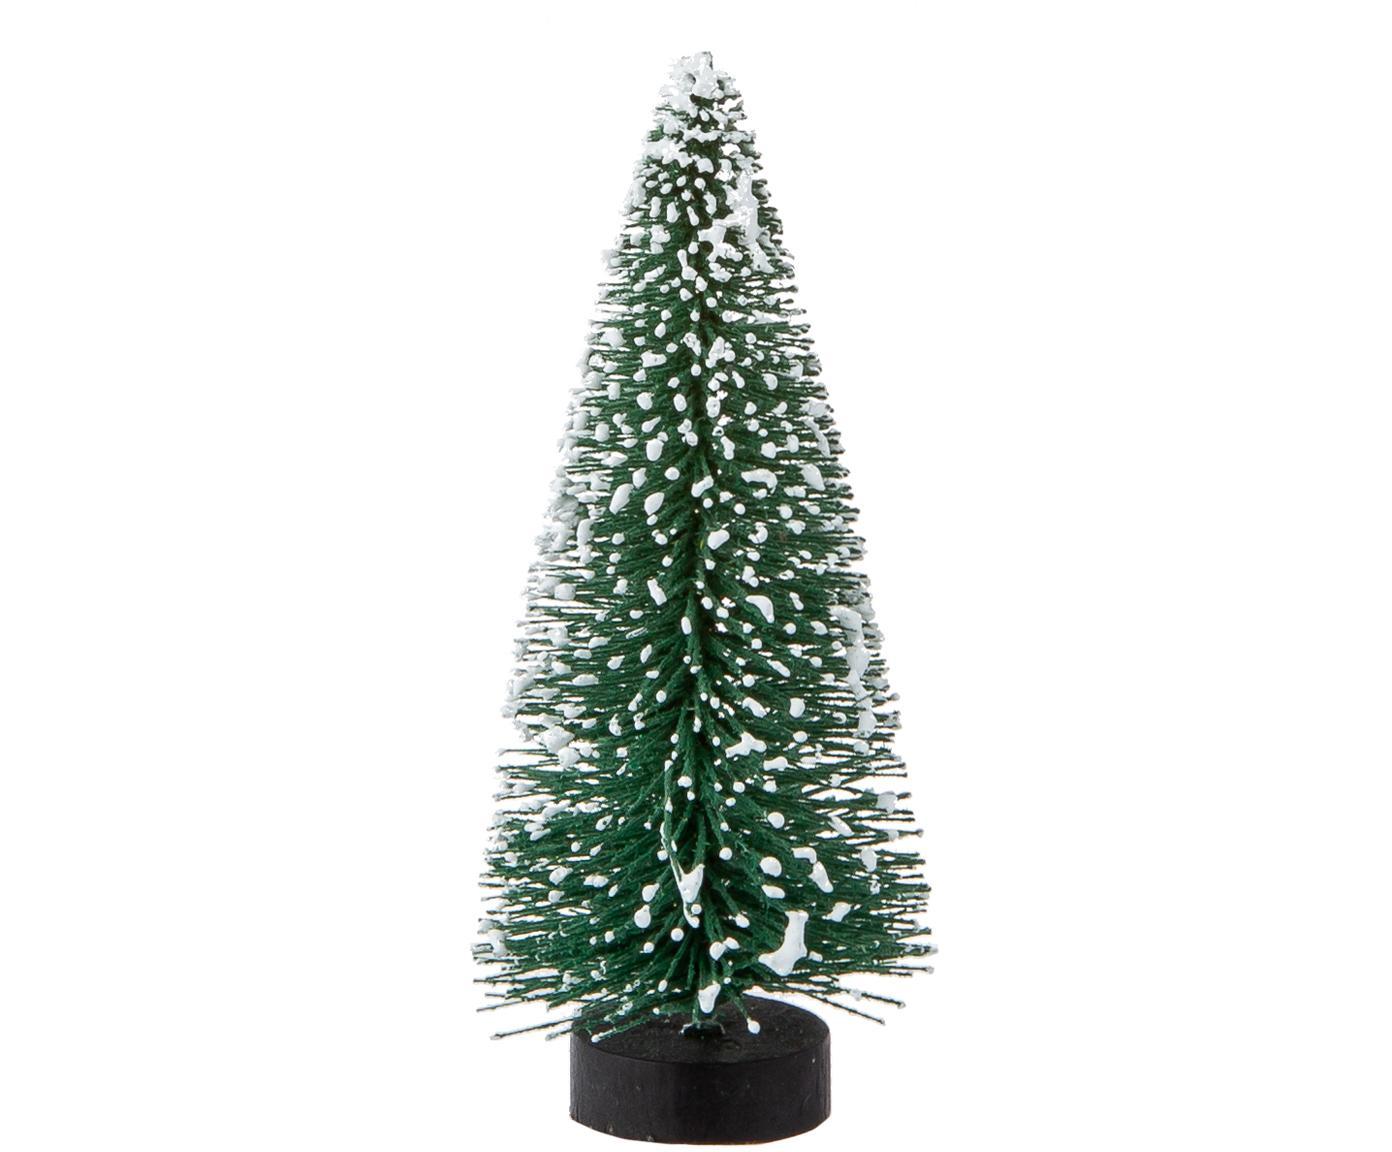 Oggetti decorativi Winter Forest, 3 pz., Materiale sintetico, filo metallico, Verde, Ø 4 x A 10 cm